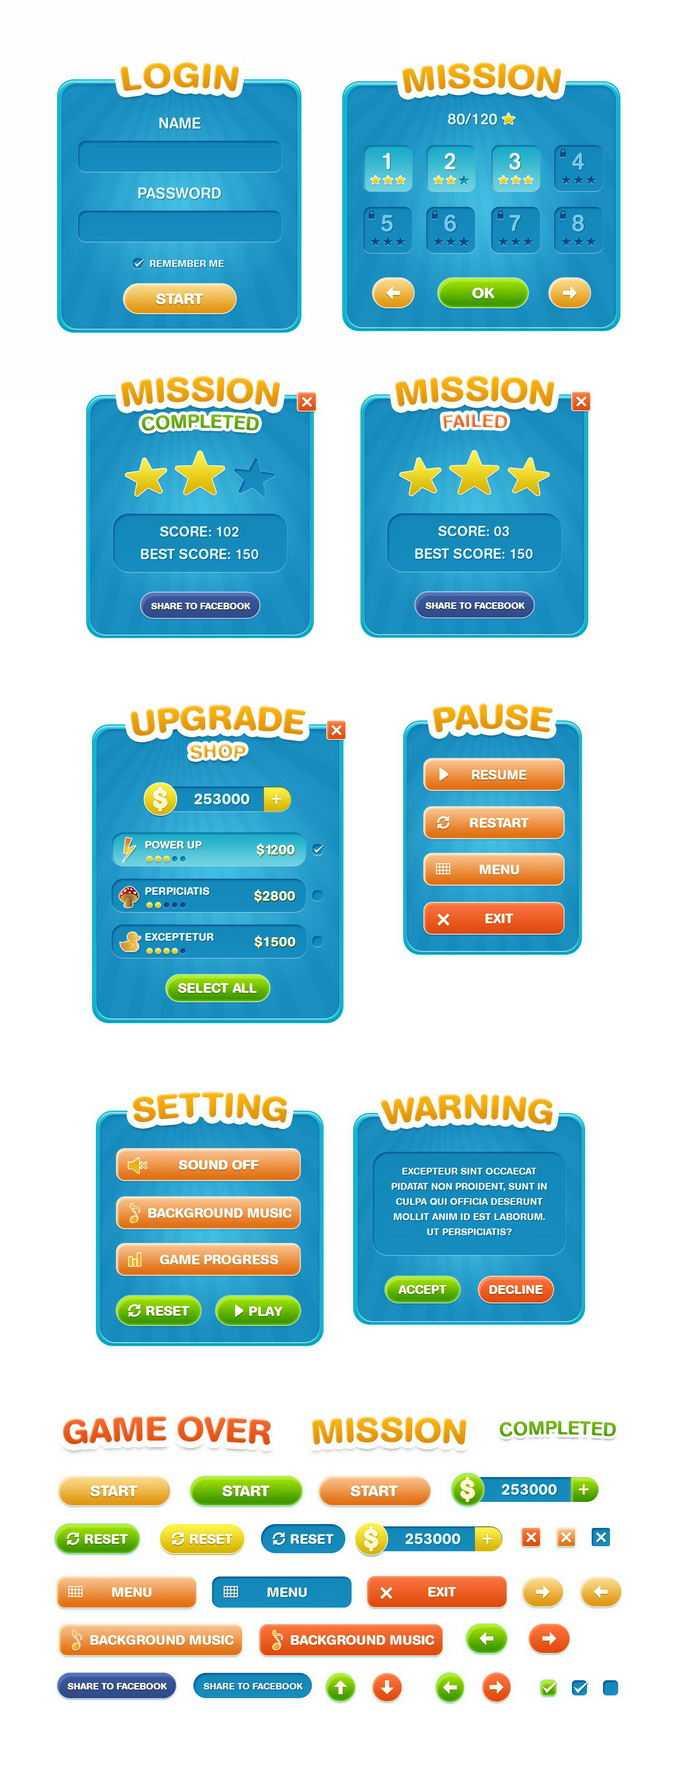 一整套蓝色风格的游戏界面和游戏按钮元素3510637免抠图片素材免费下载